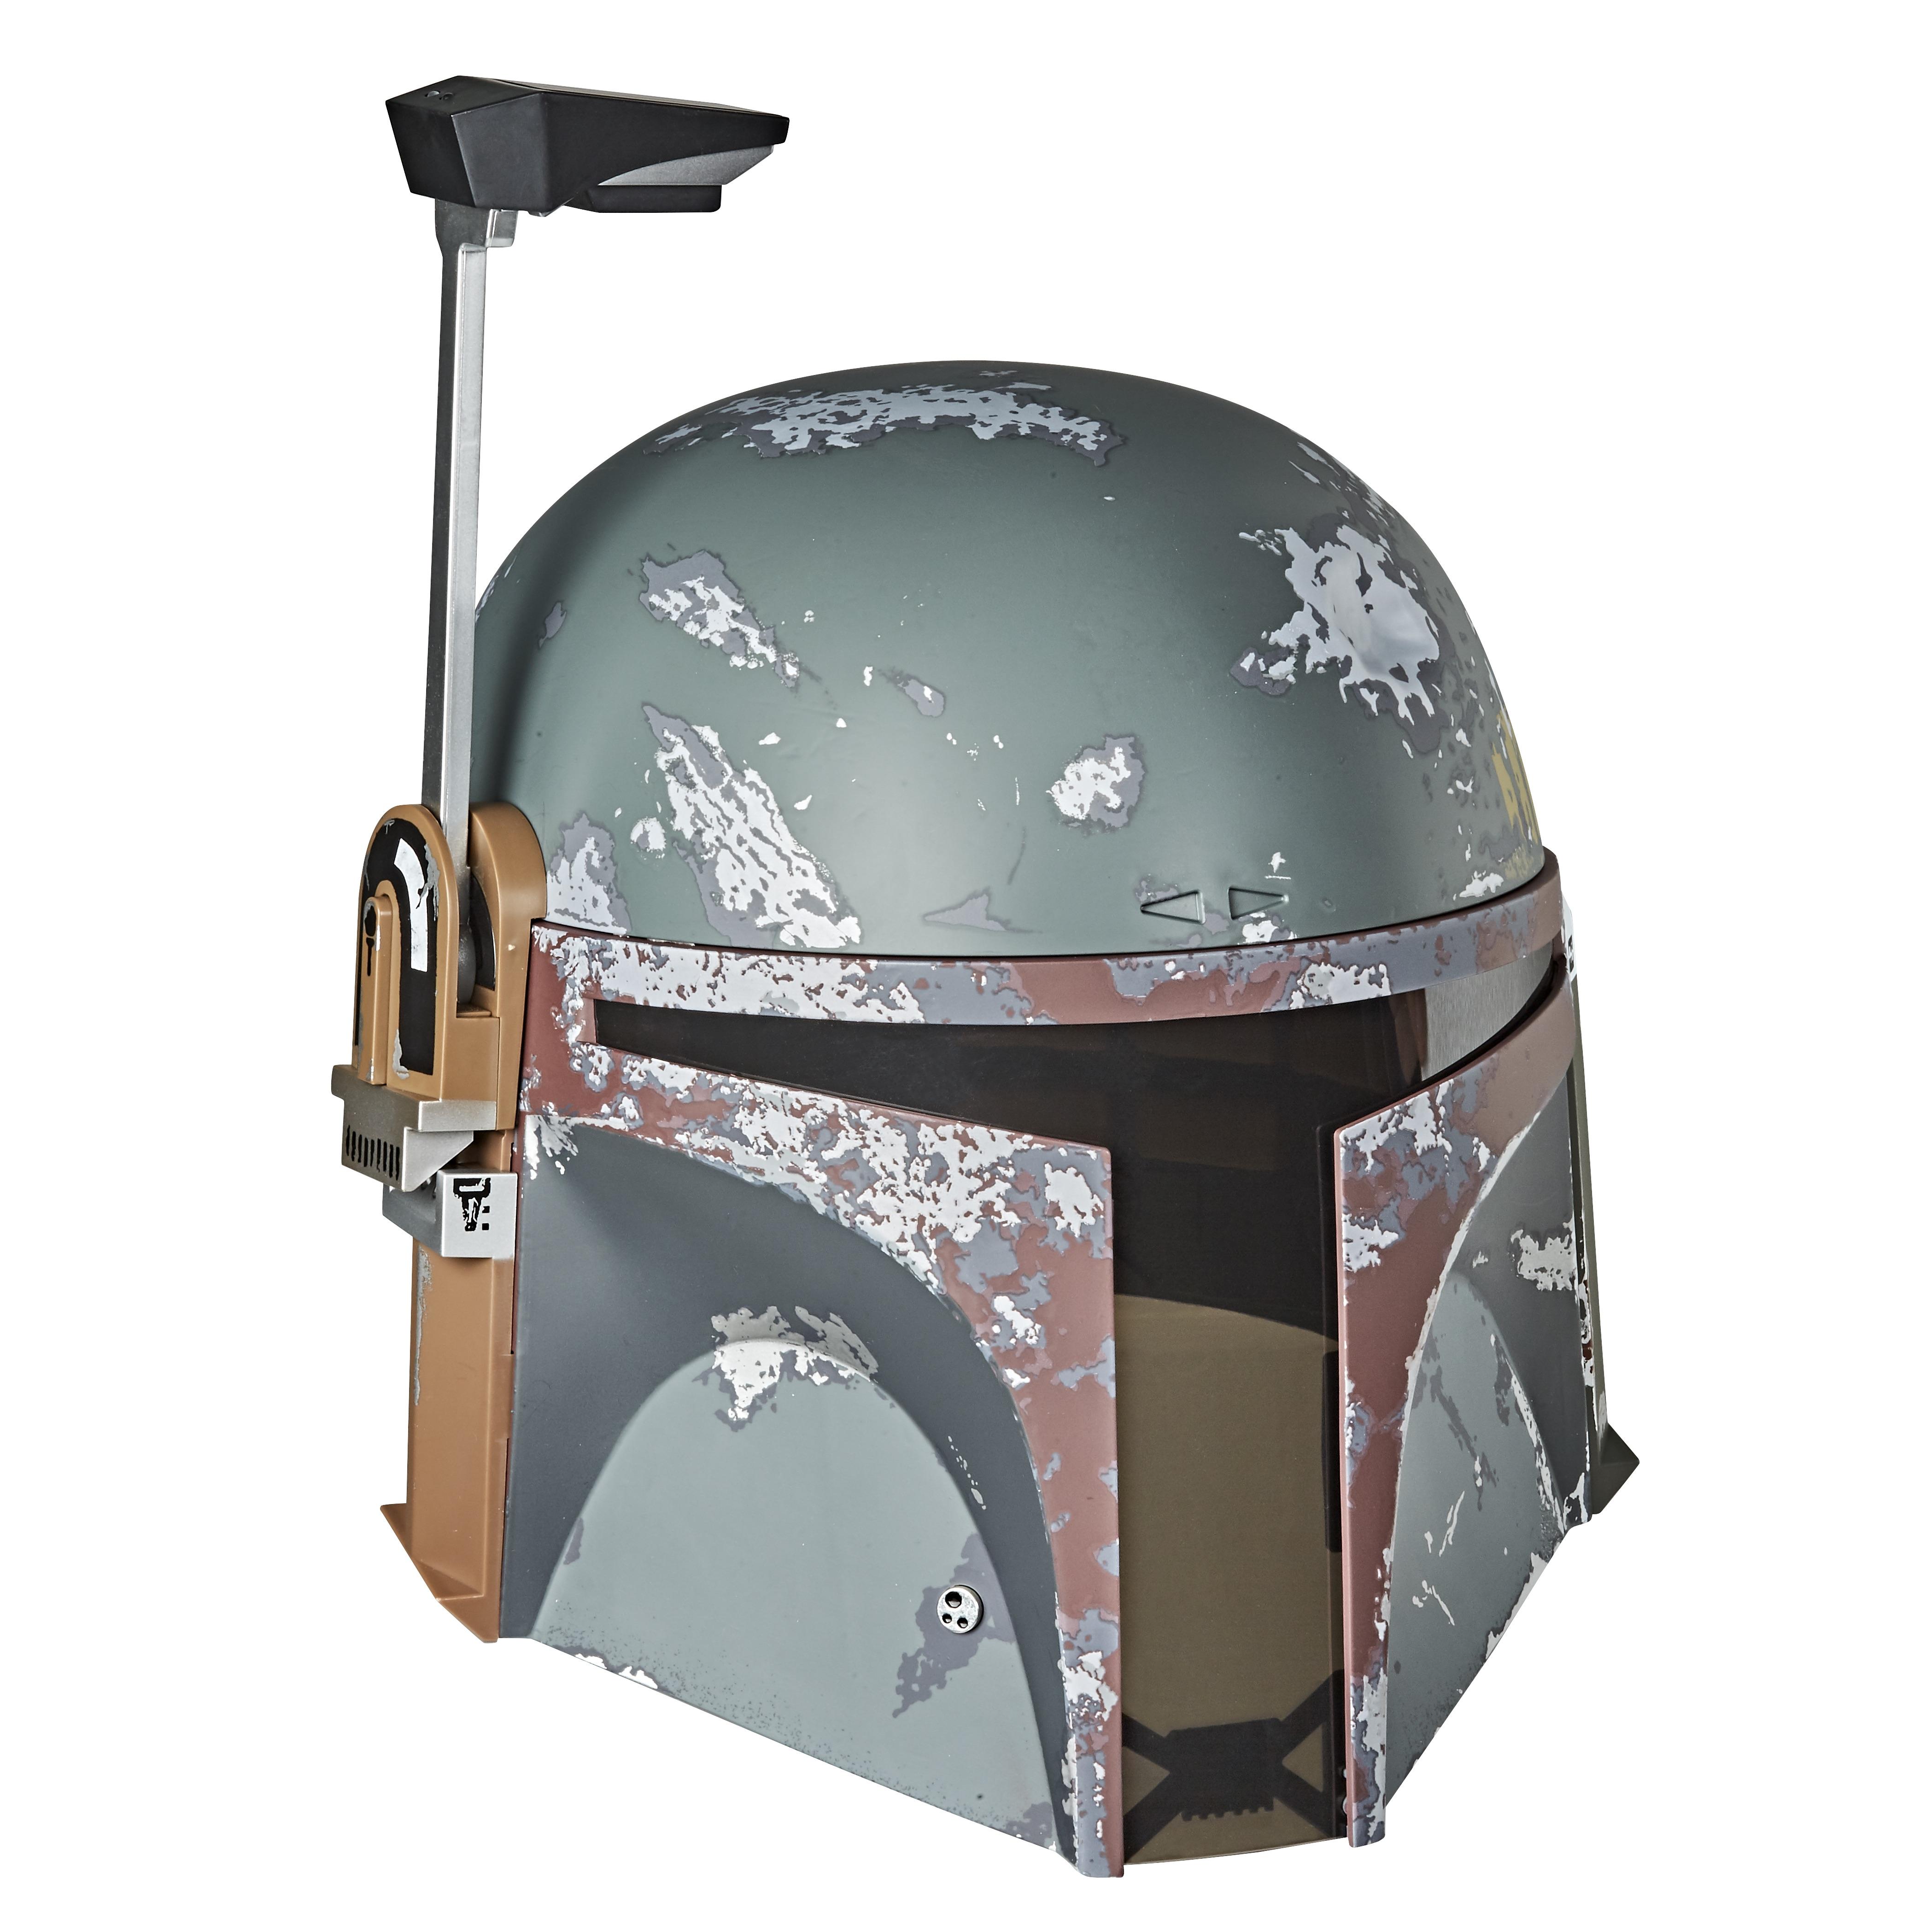 Star Wars Black Series Elektronischer Premium-Helm Boba Fett HASE7543 5010993638895